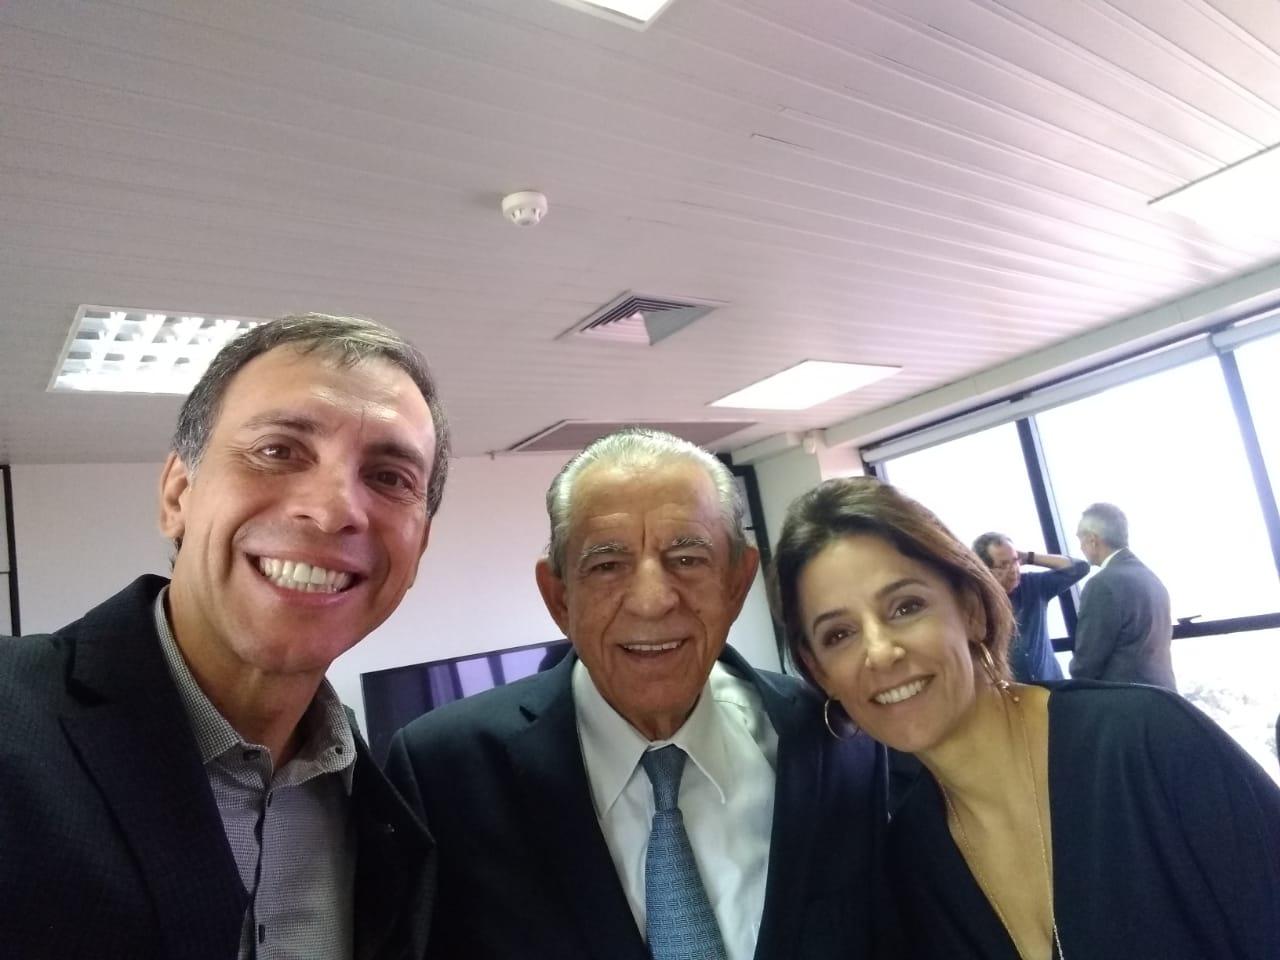 Prefeitura de Goiânia automatiza serviços | CRECI-GO/ Conselho Regional de Corretores de Imóveis de Goiás